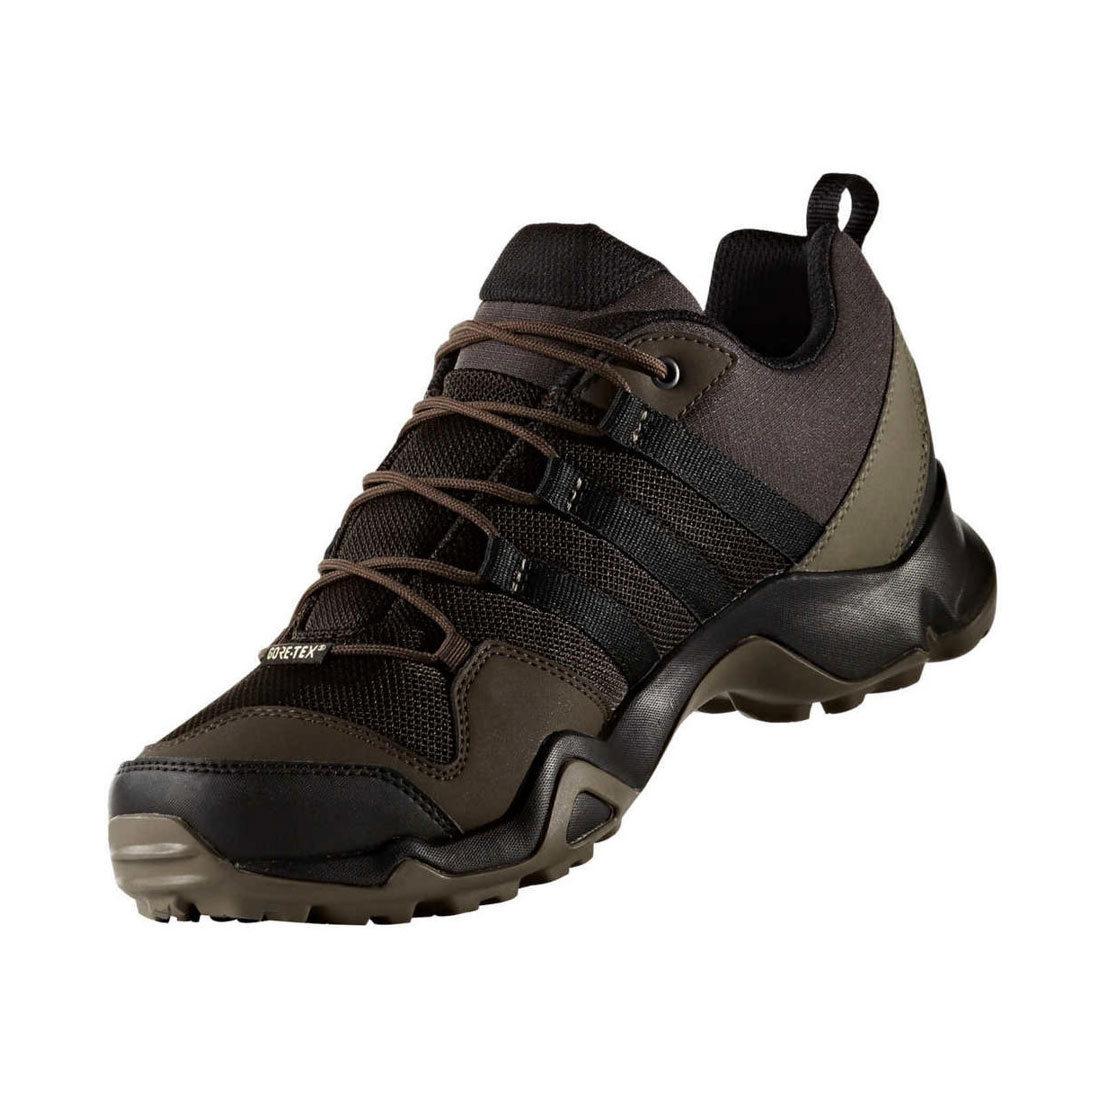 Adidas Terrex Ax2R Gore Tex brown